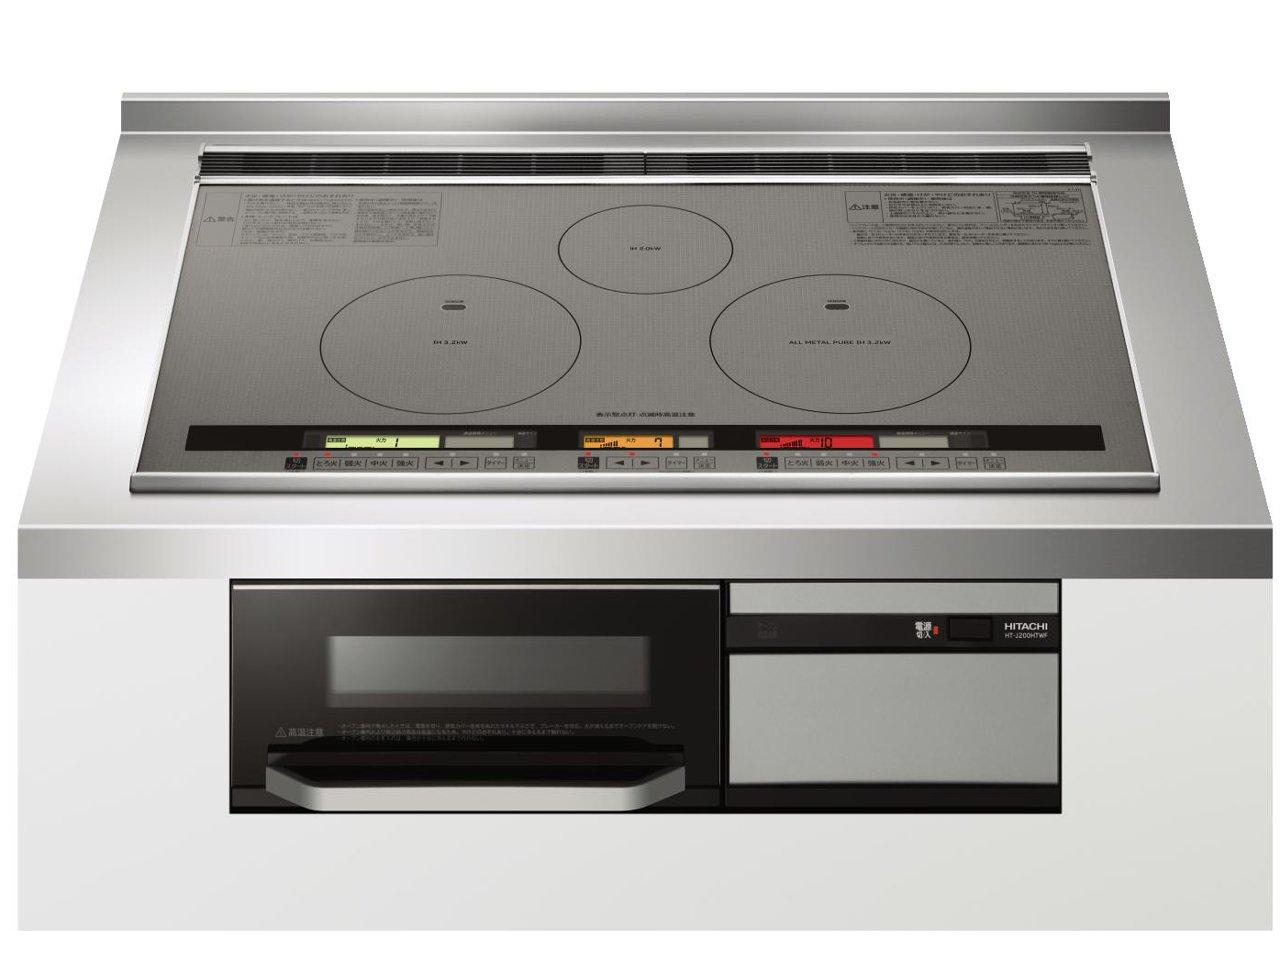 Bếp từ Hitachi HT-J200HTWF size 75cm với 2 bếp từ IH, 1 bếp All Metal, 1 lò nướng